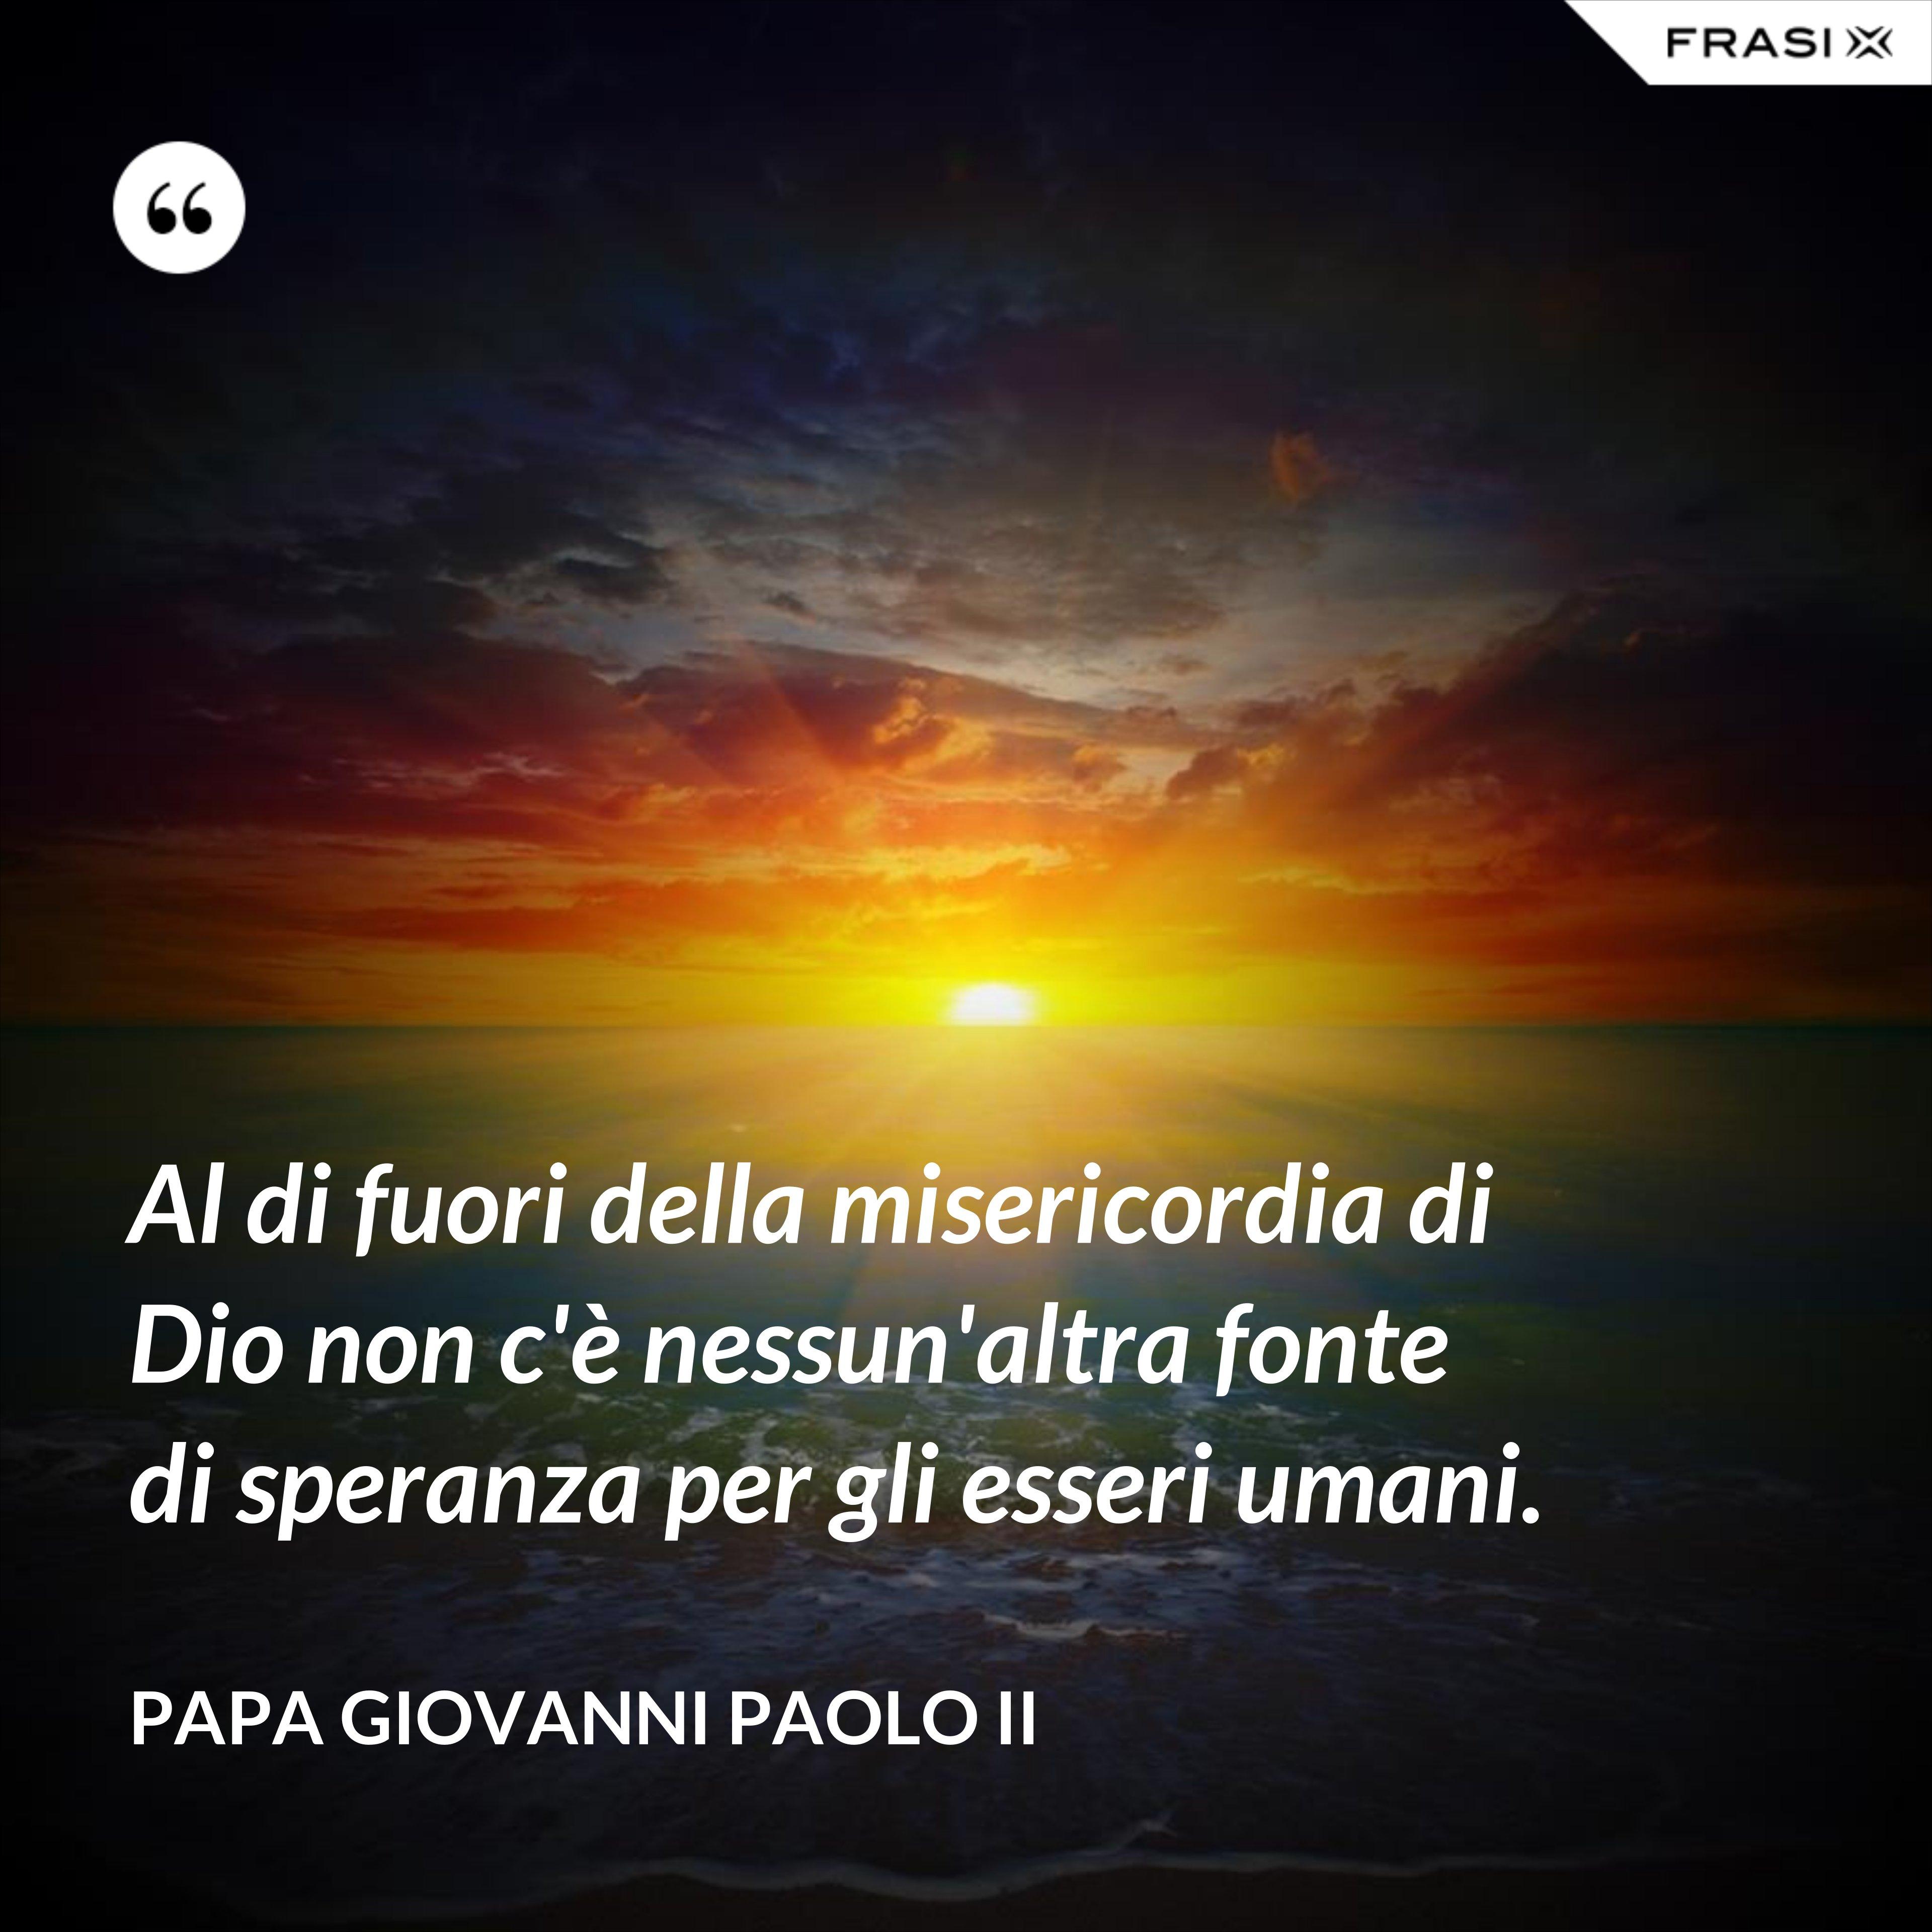 Al di fuori della misericordia di Dio non c'è nessun'altra fonte di speranza per gli esseri umani. - Papa Giovanni Paolo II